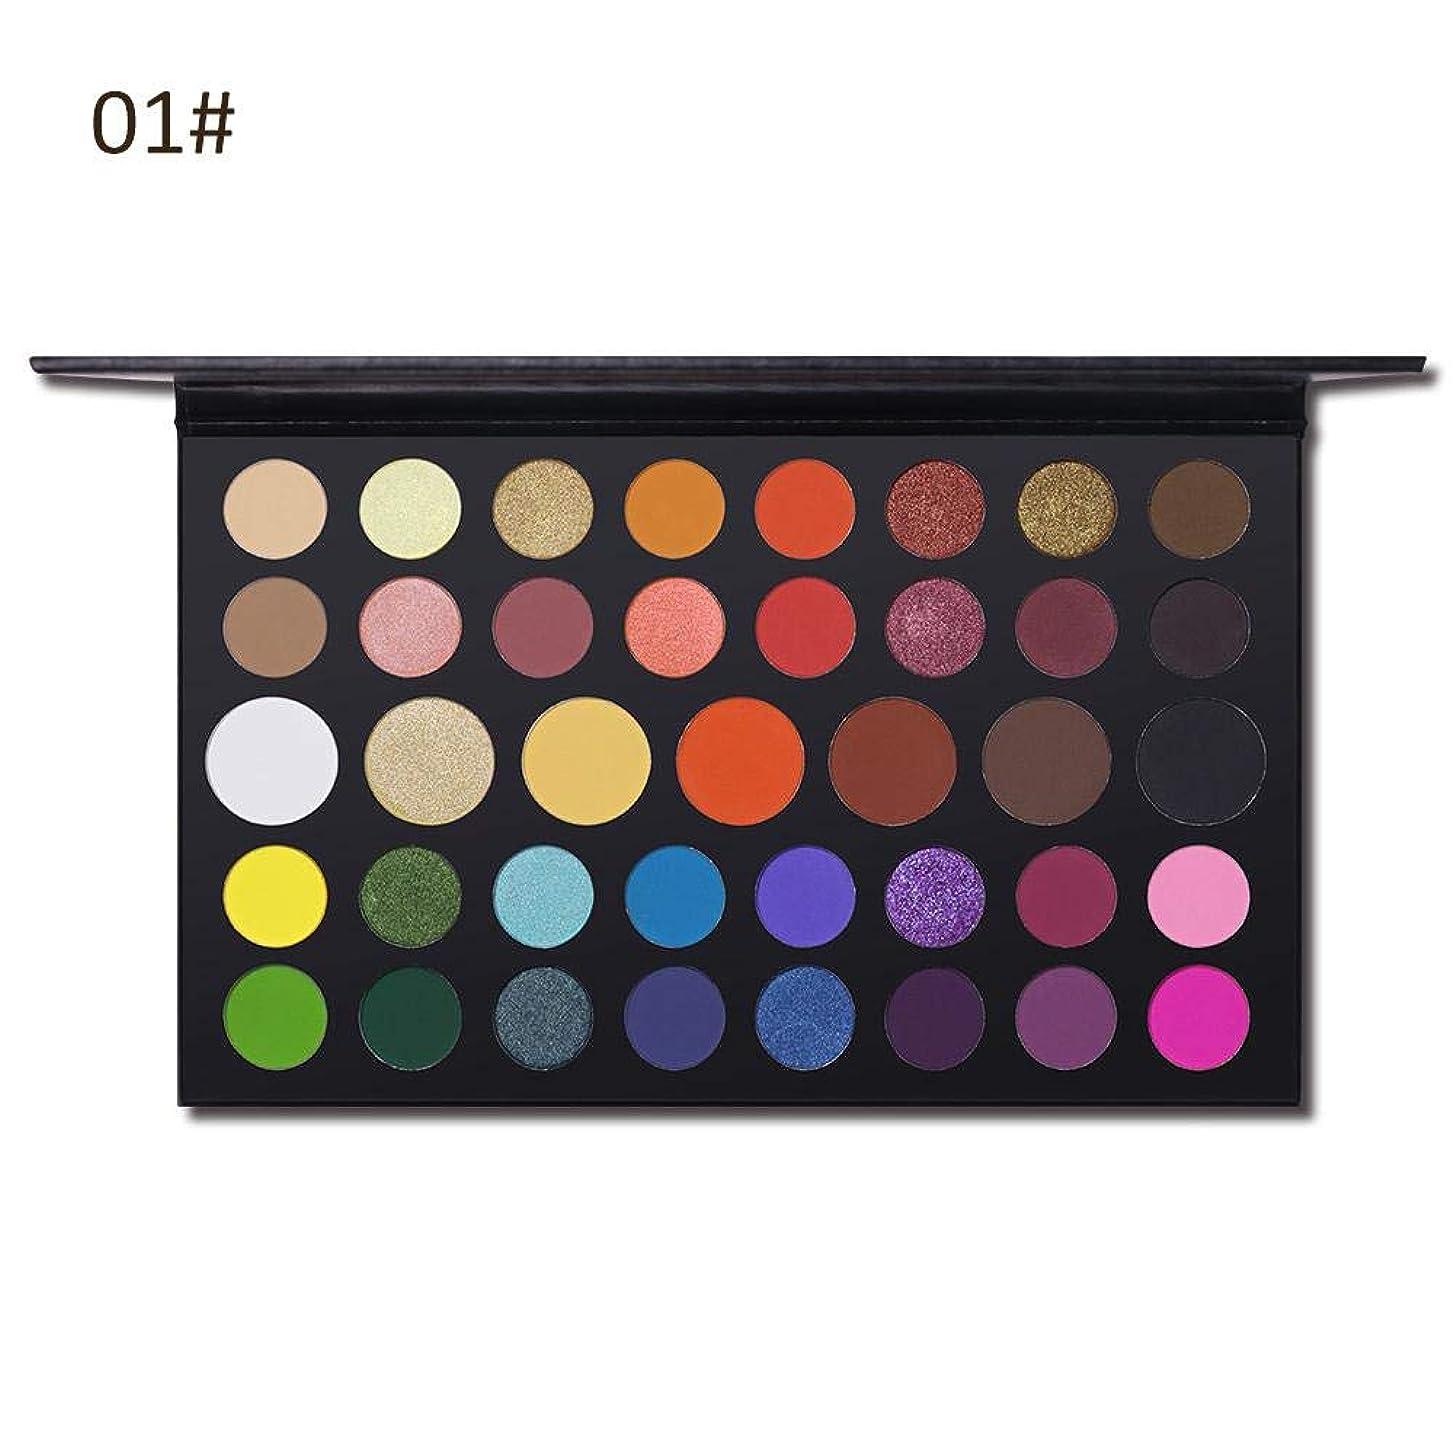 音楽家肌トランクライブラリBrill(ブリーオ)最高のプロアイシャドウマットパレットメイクアイシャドウプロフェッショナル完璧なヌードウォームナチュラルニュートラルスモーキーパレットアイメイクアップシルキーパウダー化粧品39色